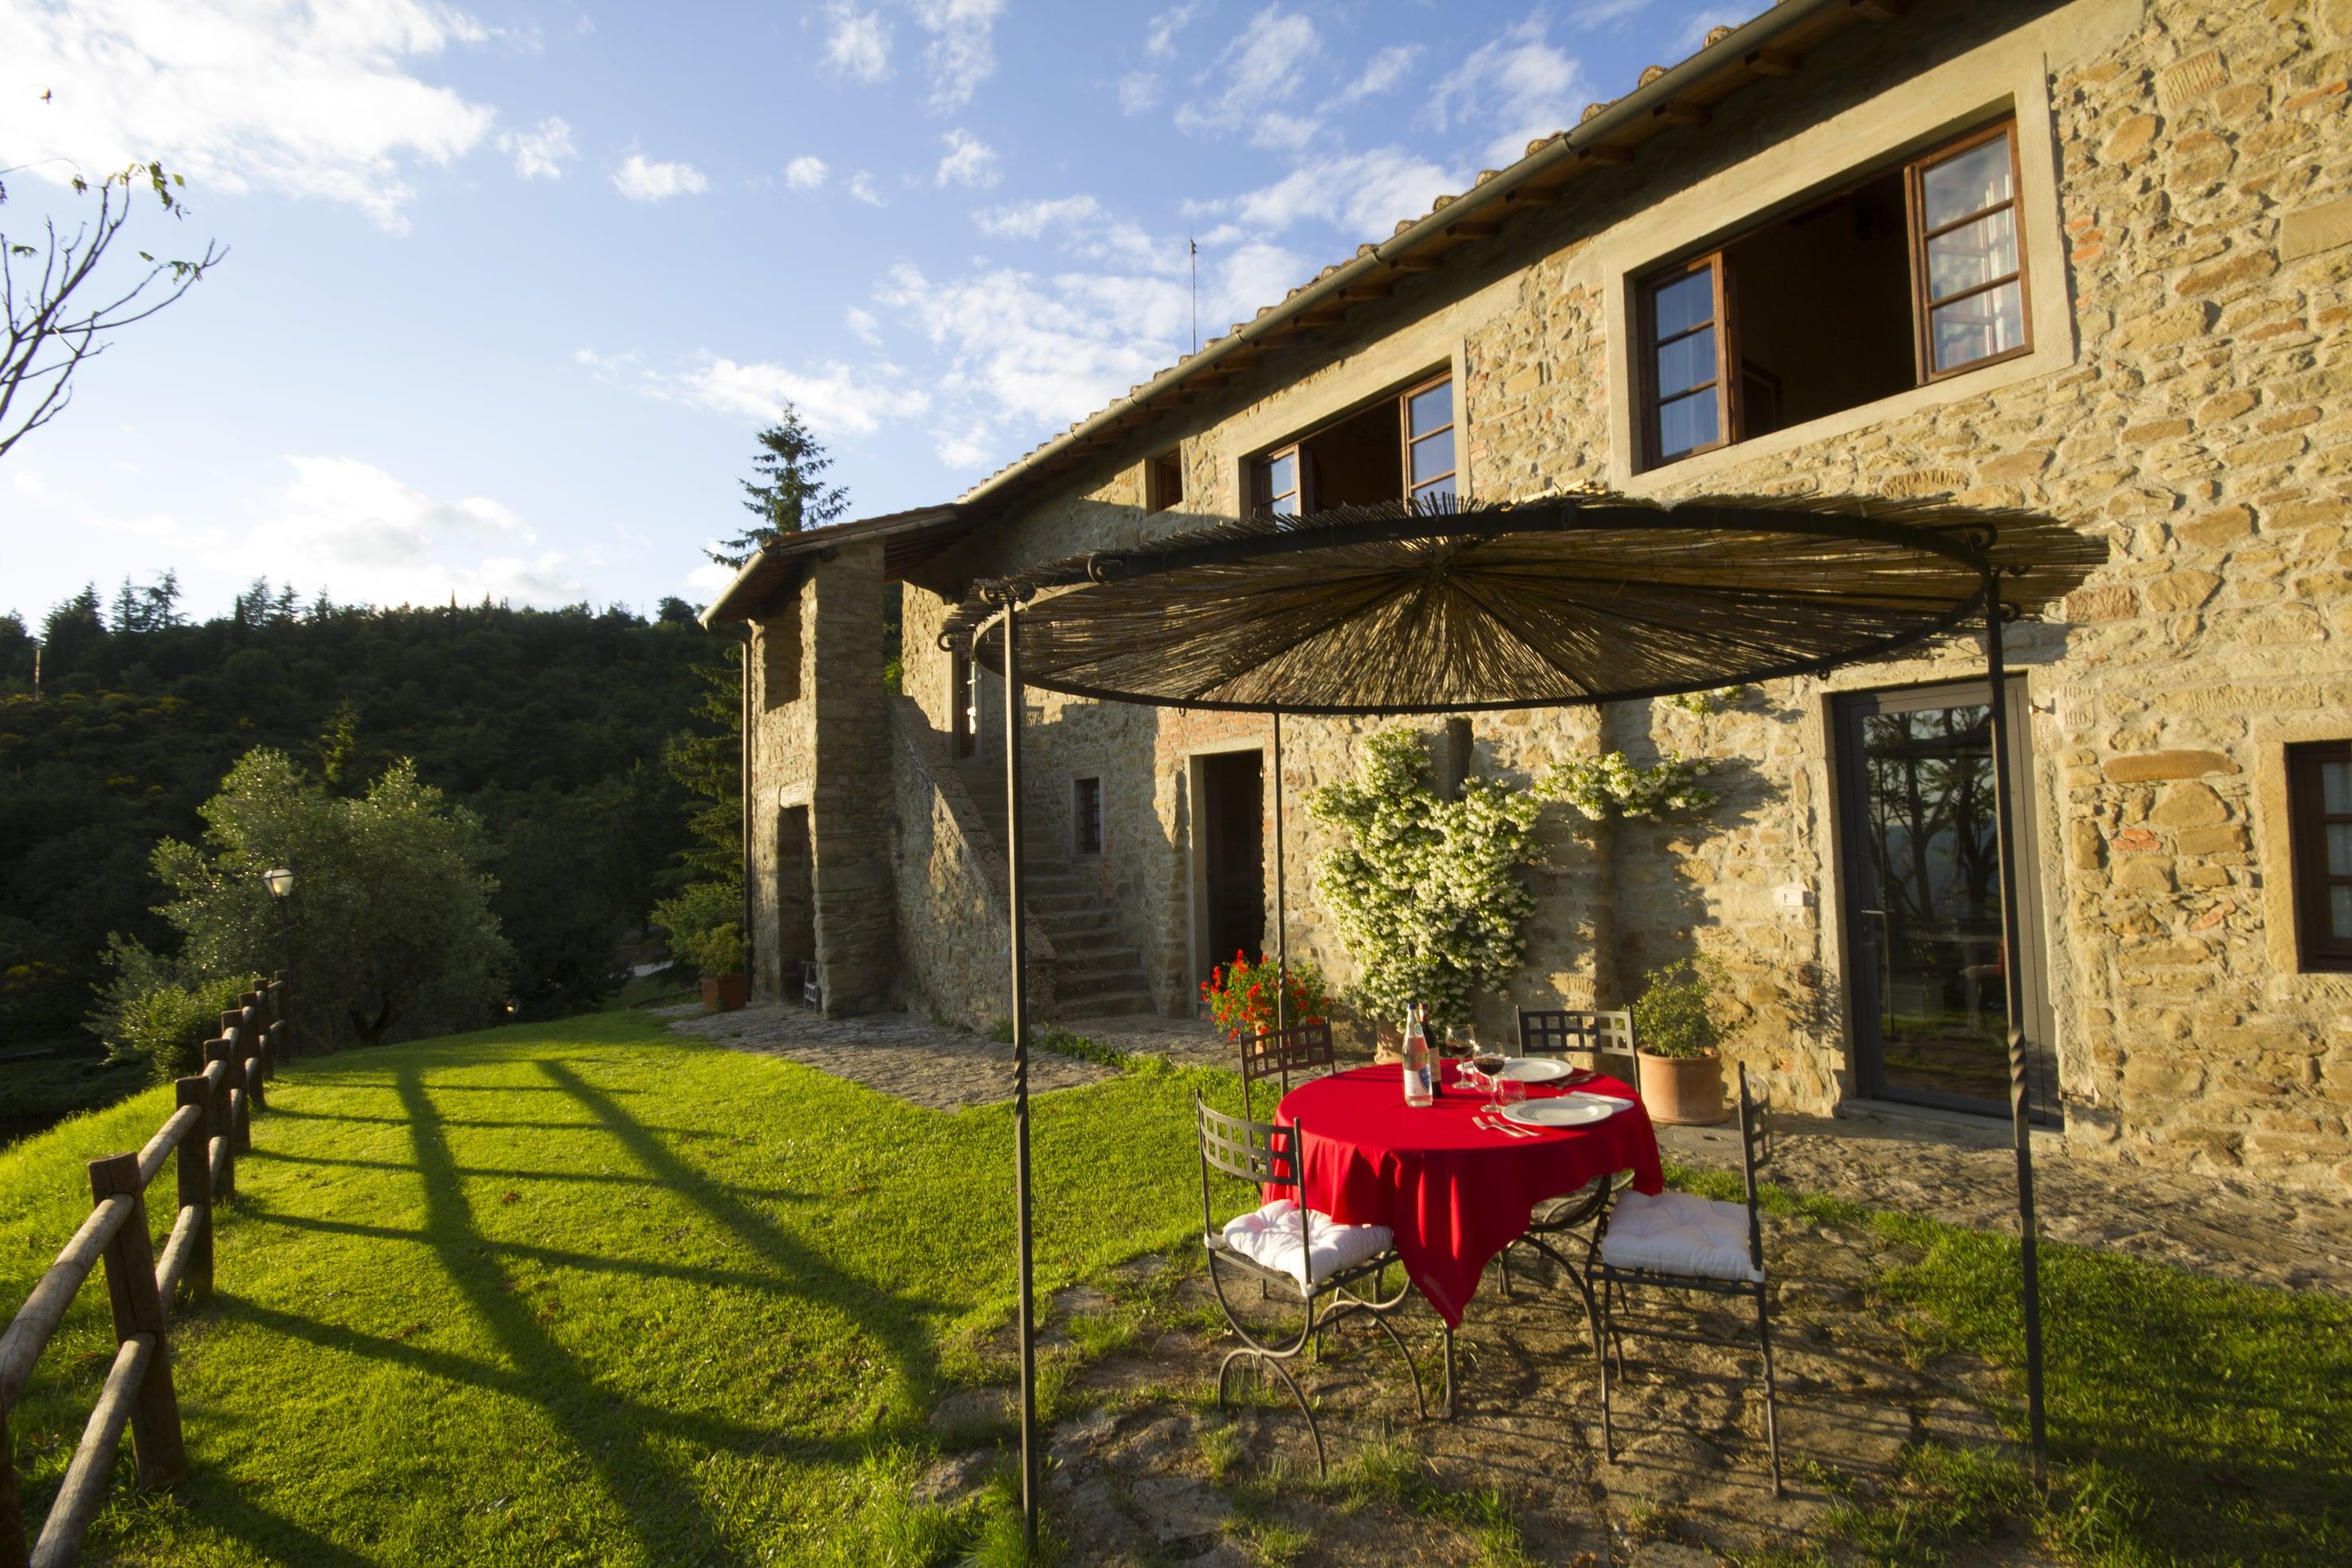 Borgo La Capraia la tua vacanza in borgo medievale in Toscana